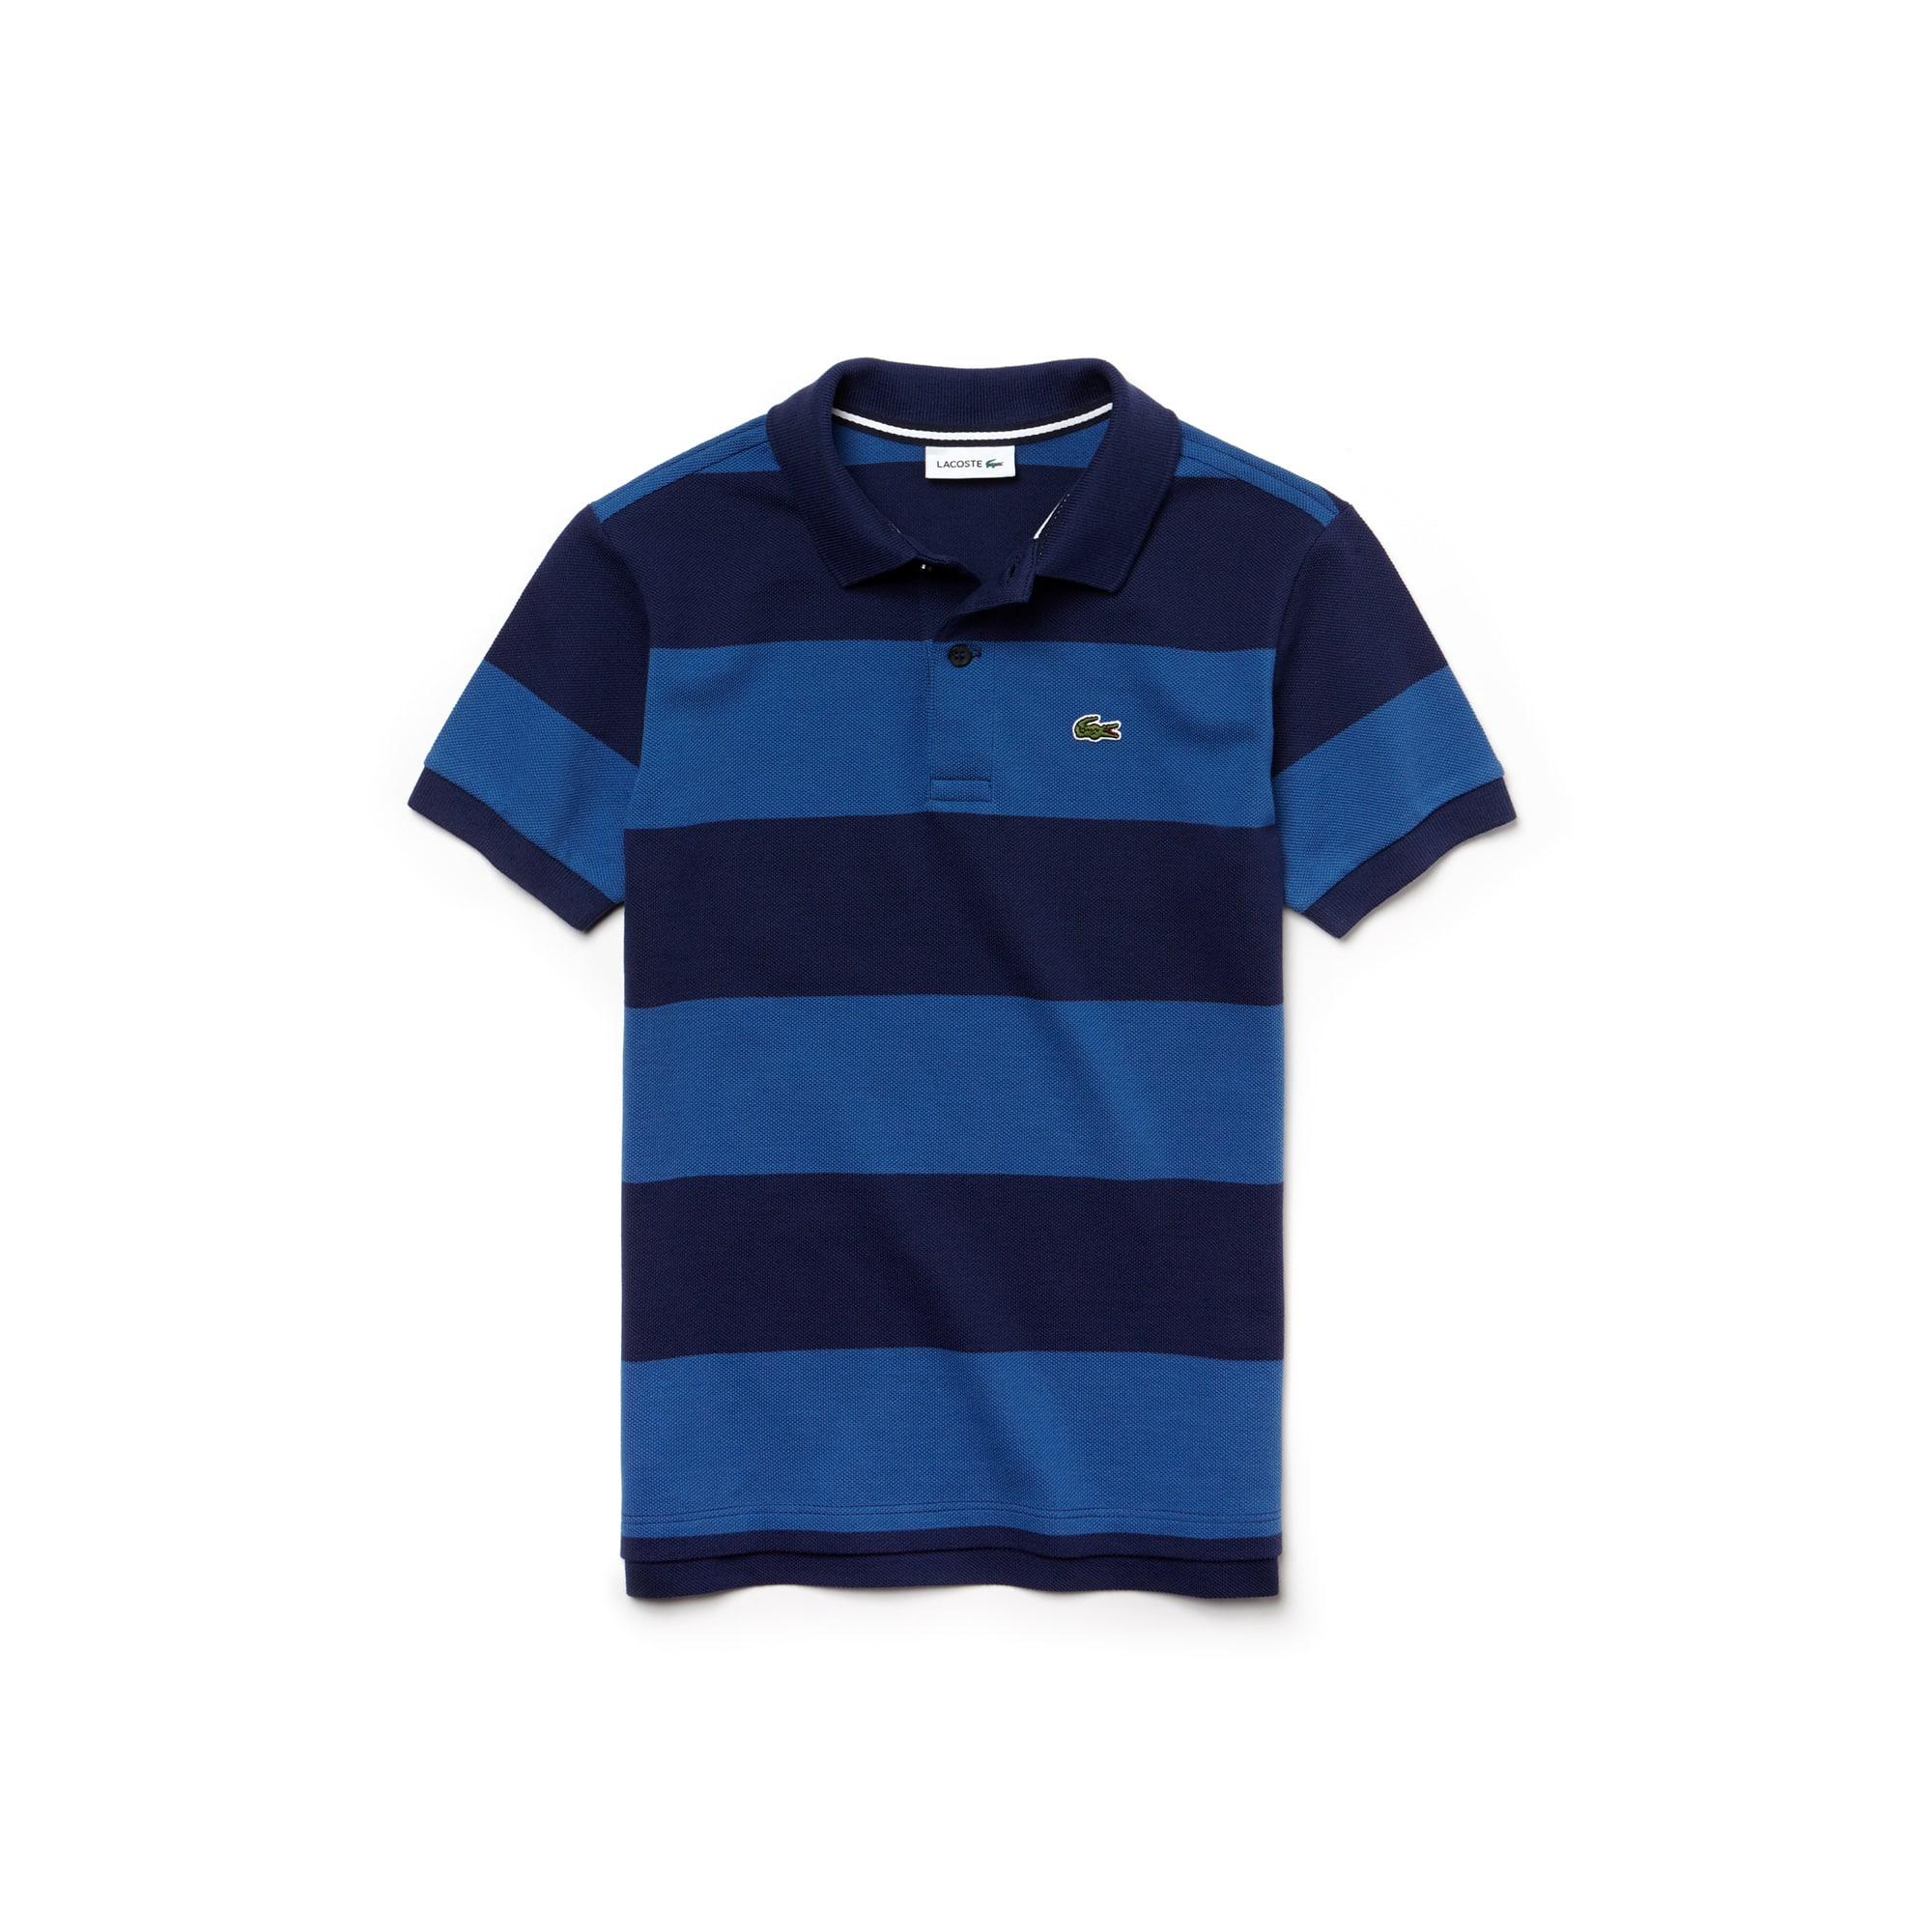 Camisa Polo Lacoste Masculina Infantil Listrada em Petit Piqué de Algodão